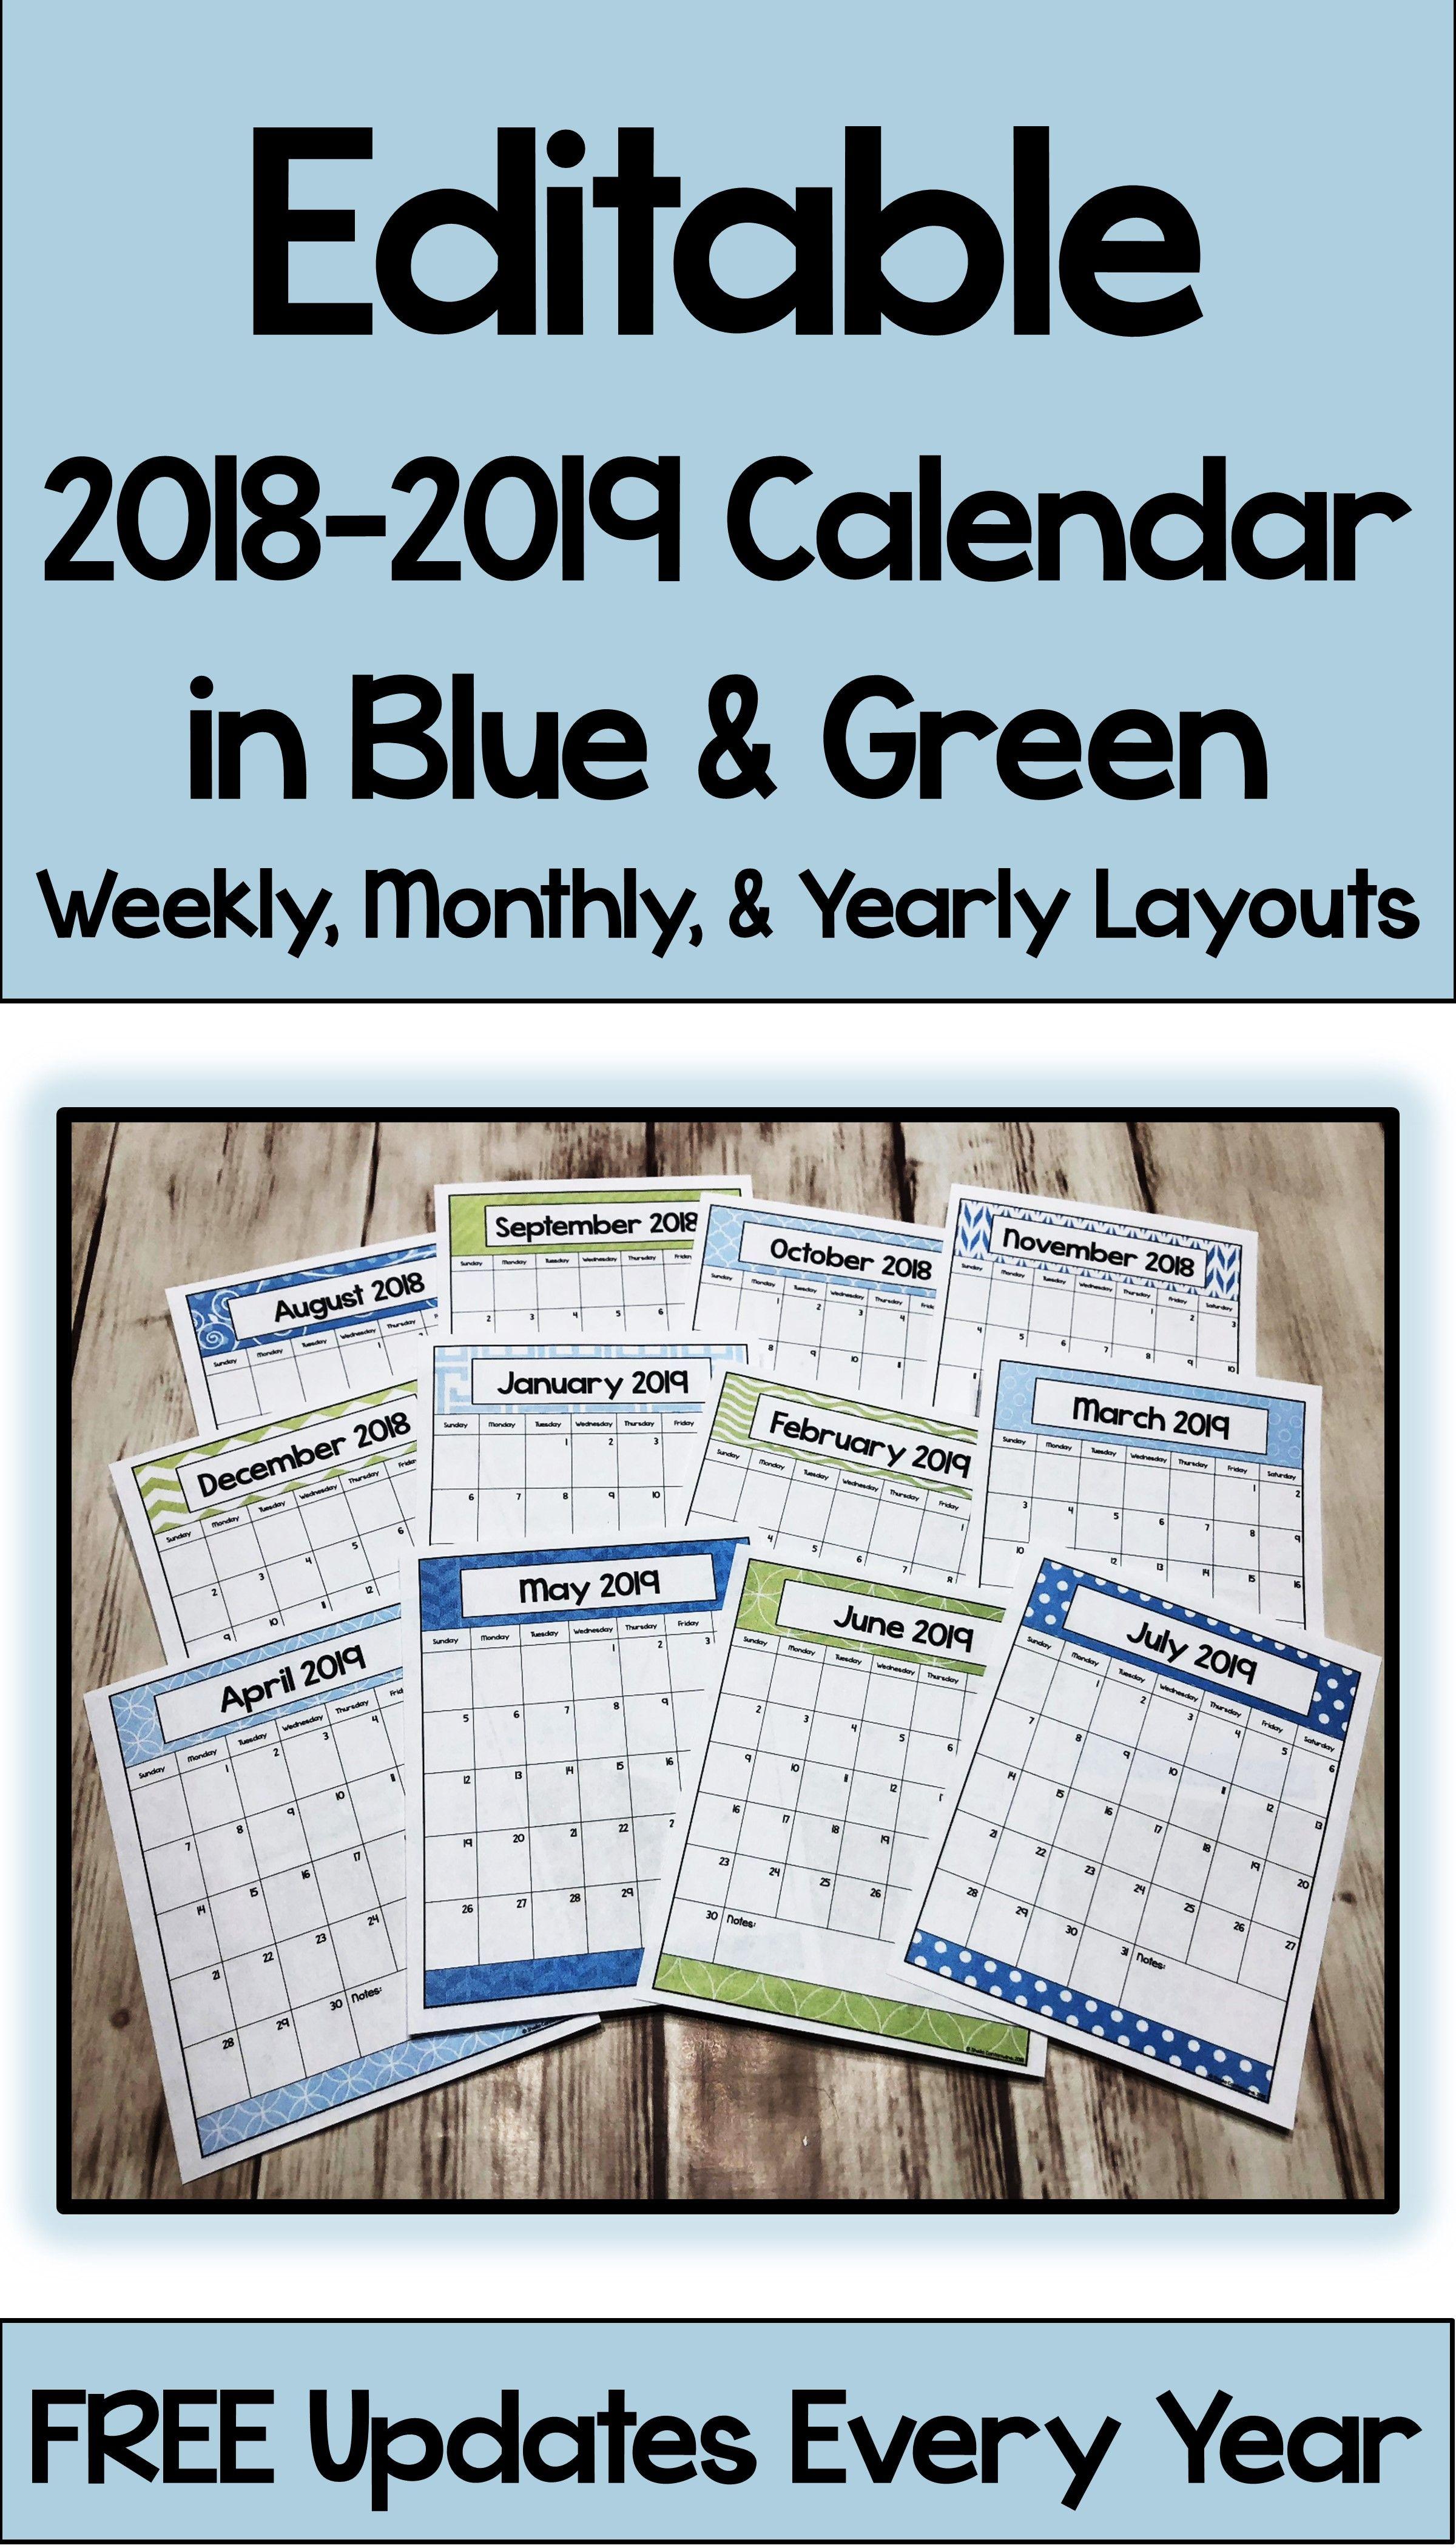 Calendar Printable And Editable With Free